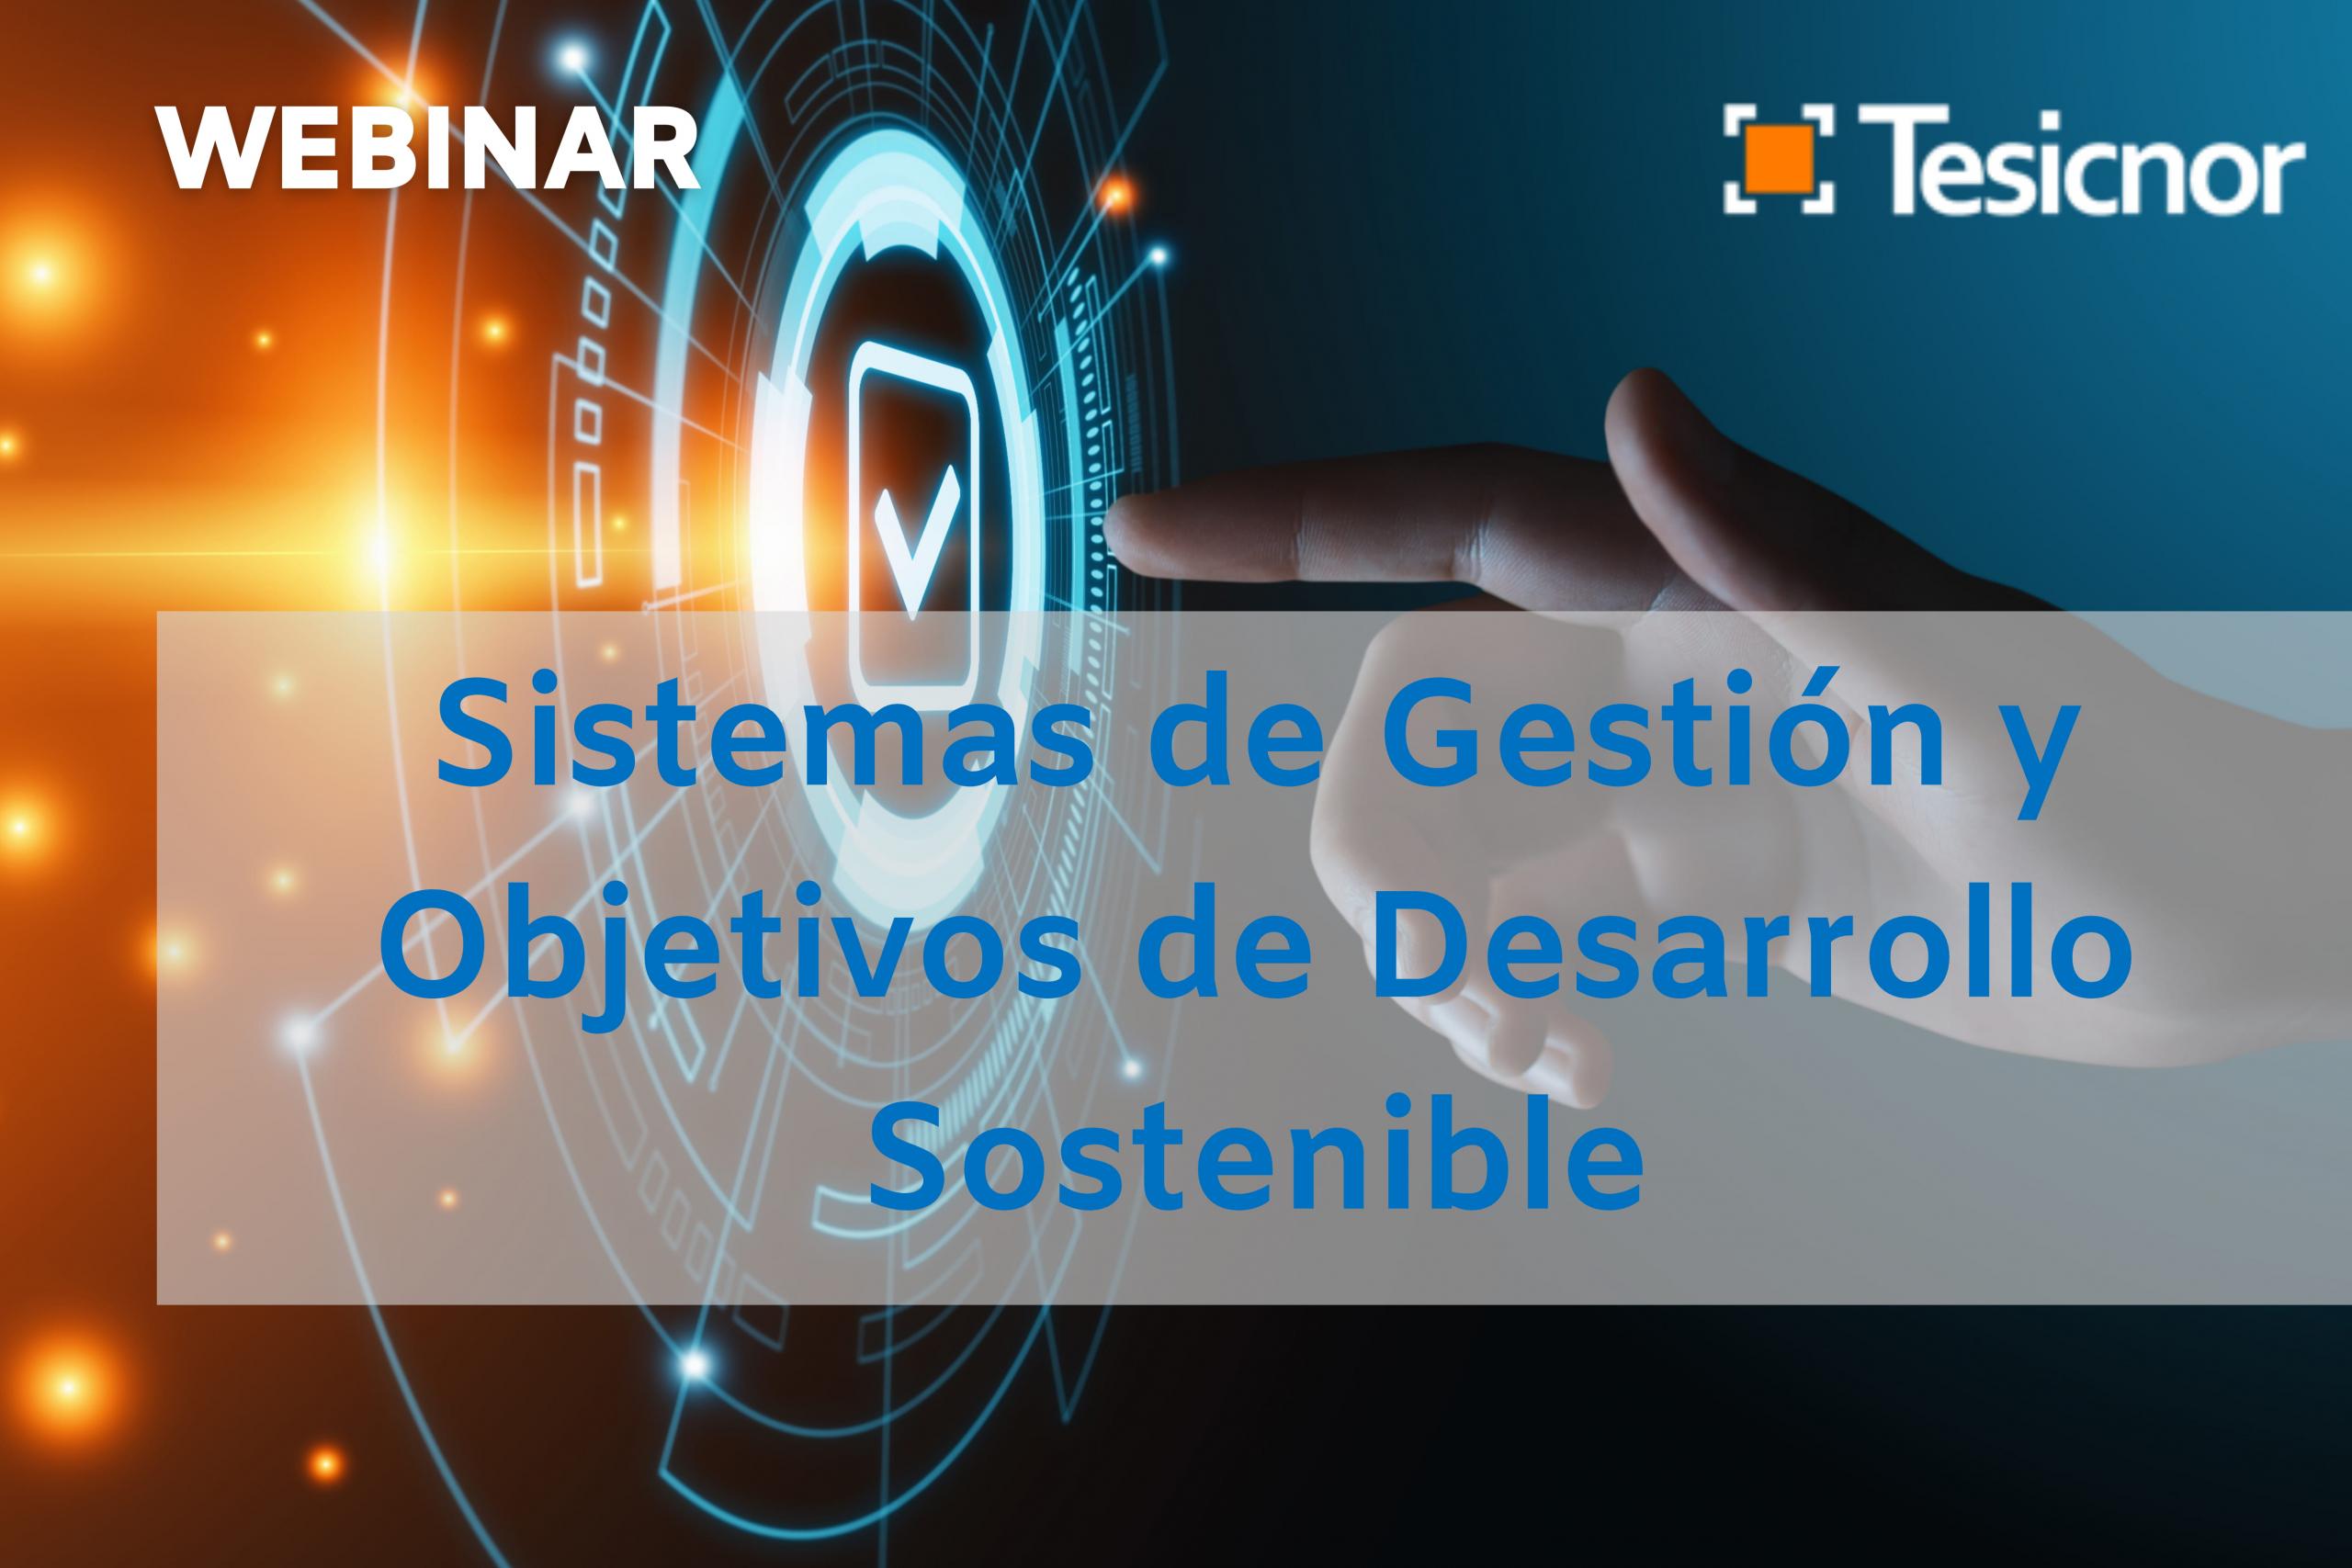 Webinar ISO Sistemas de Gestión